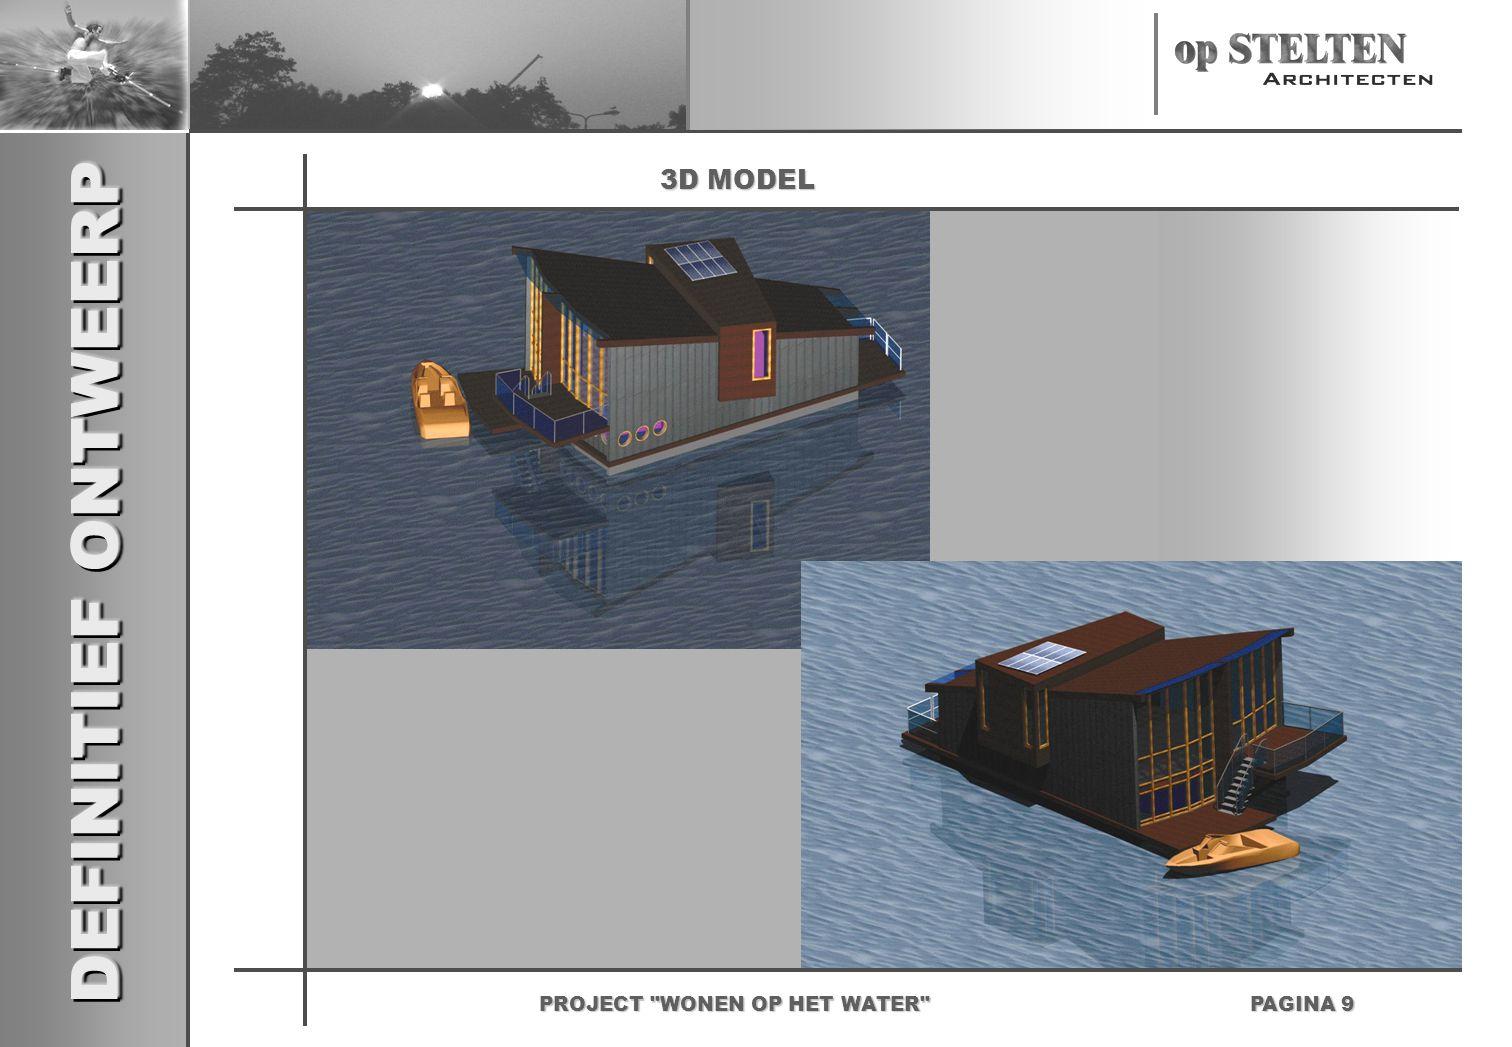 DEFINITIEF ONTWEERP PAGINA 9 PROJECT WONEN OP HET WATER 3D MODEL